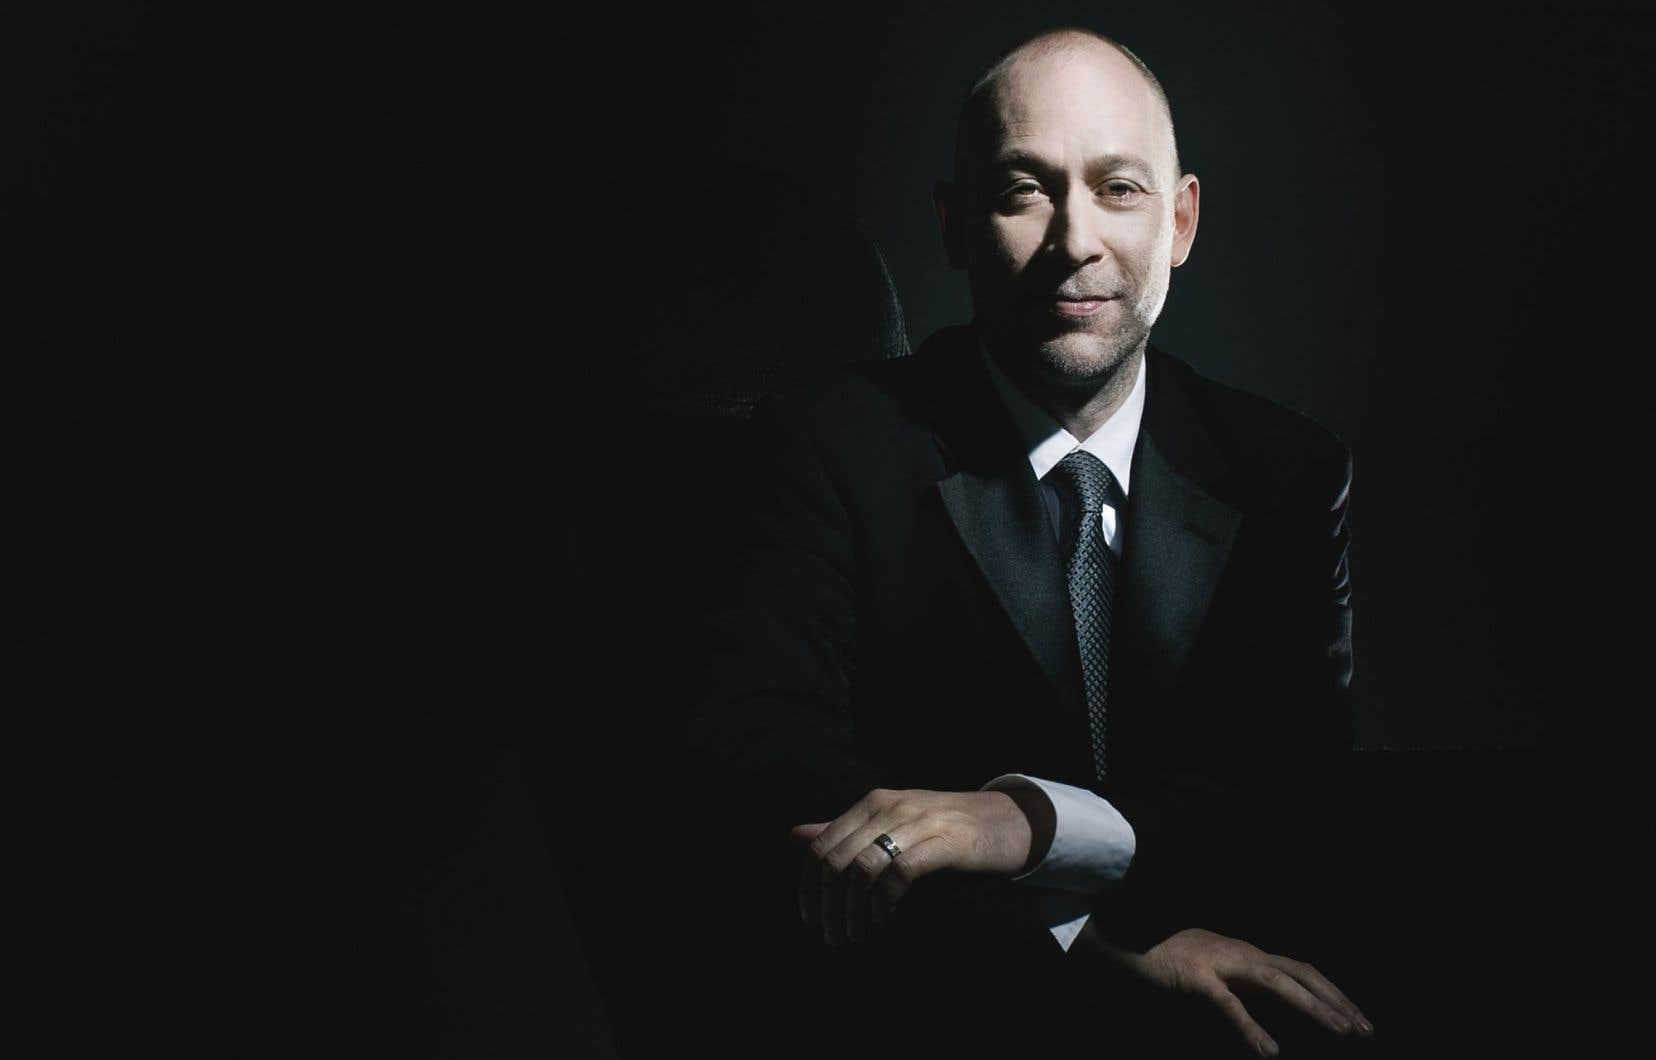 L'Orchestre baroque Arion, habitué de l'entreprise et de la salle, était mené, dimanche, par Alexander Weimann, qui dirigera également, cette semaine, de jeudi à dimanche, le premier concert de sa saison régulière.